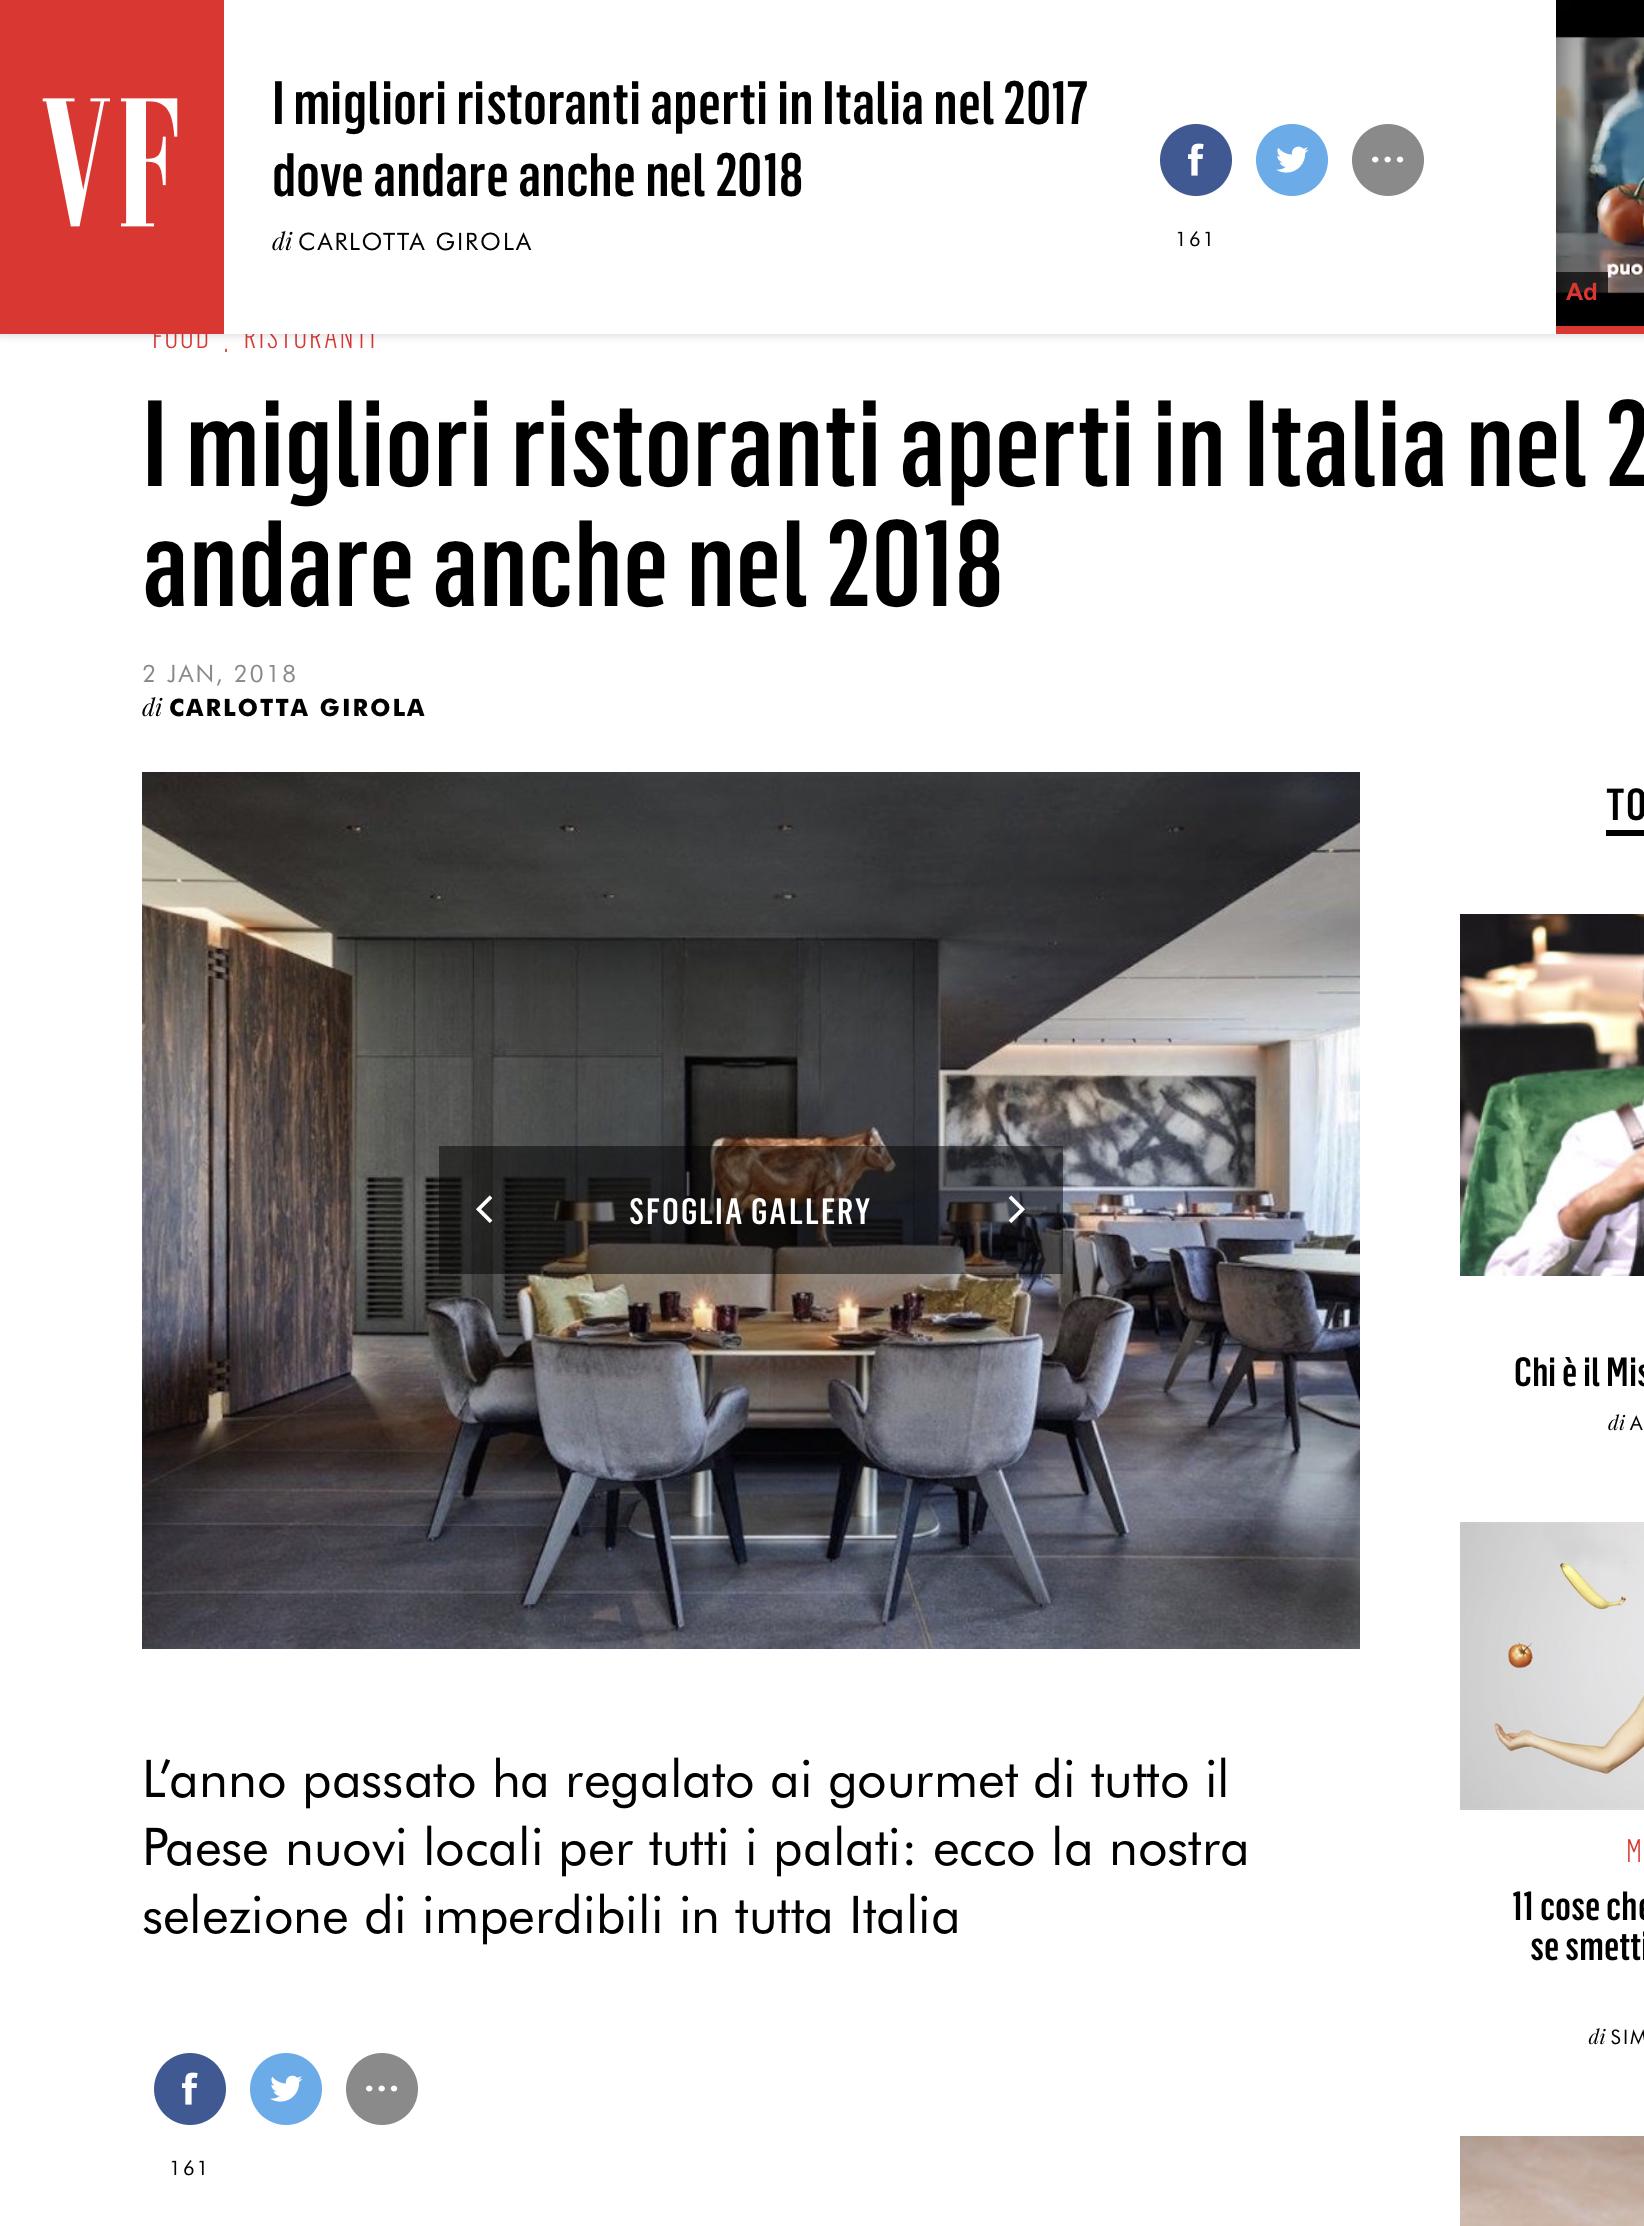 Migliori ristoranti milano 2017/2018